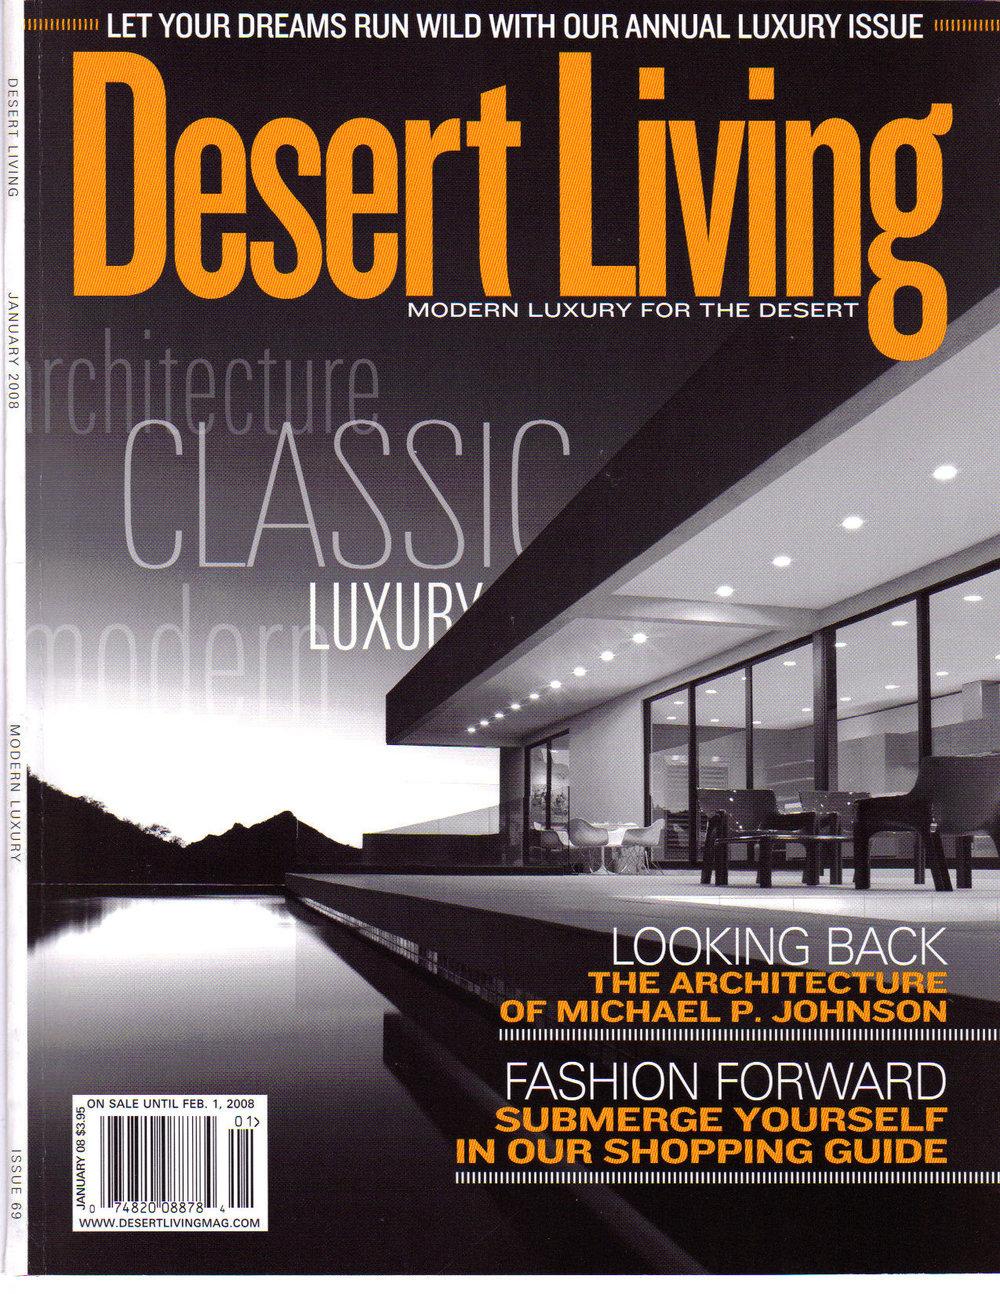 January 2008 - Desert Living (Cover).jpg